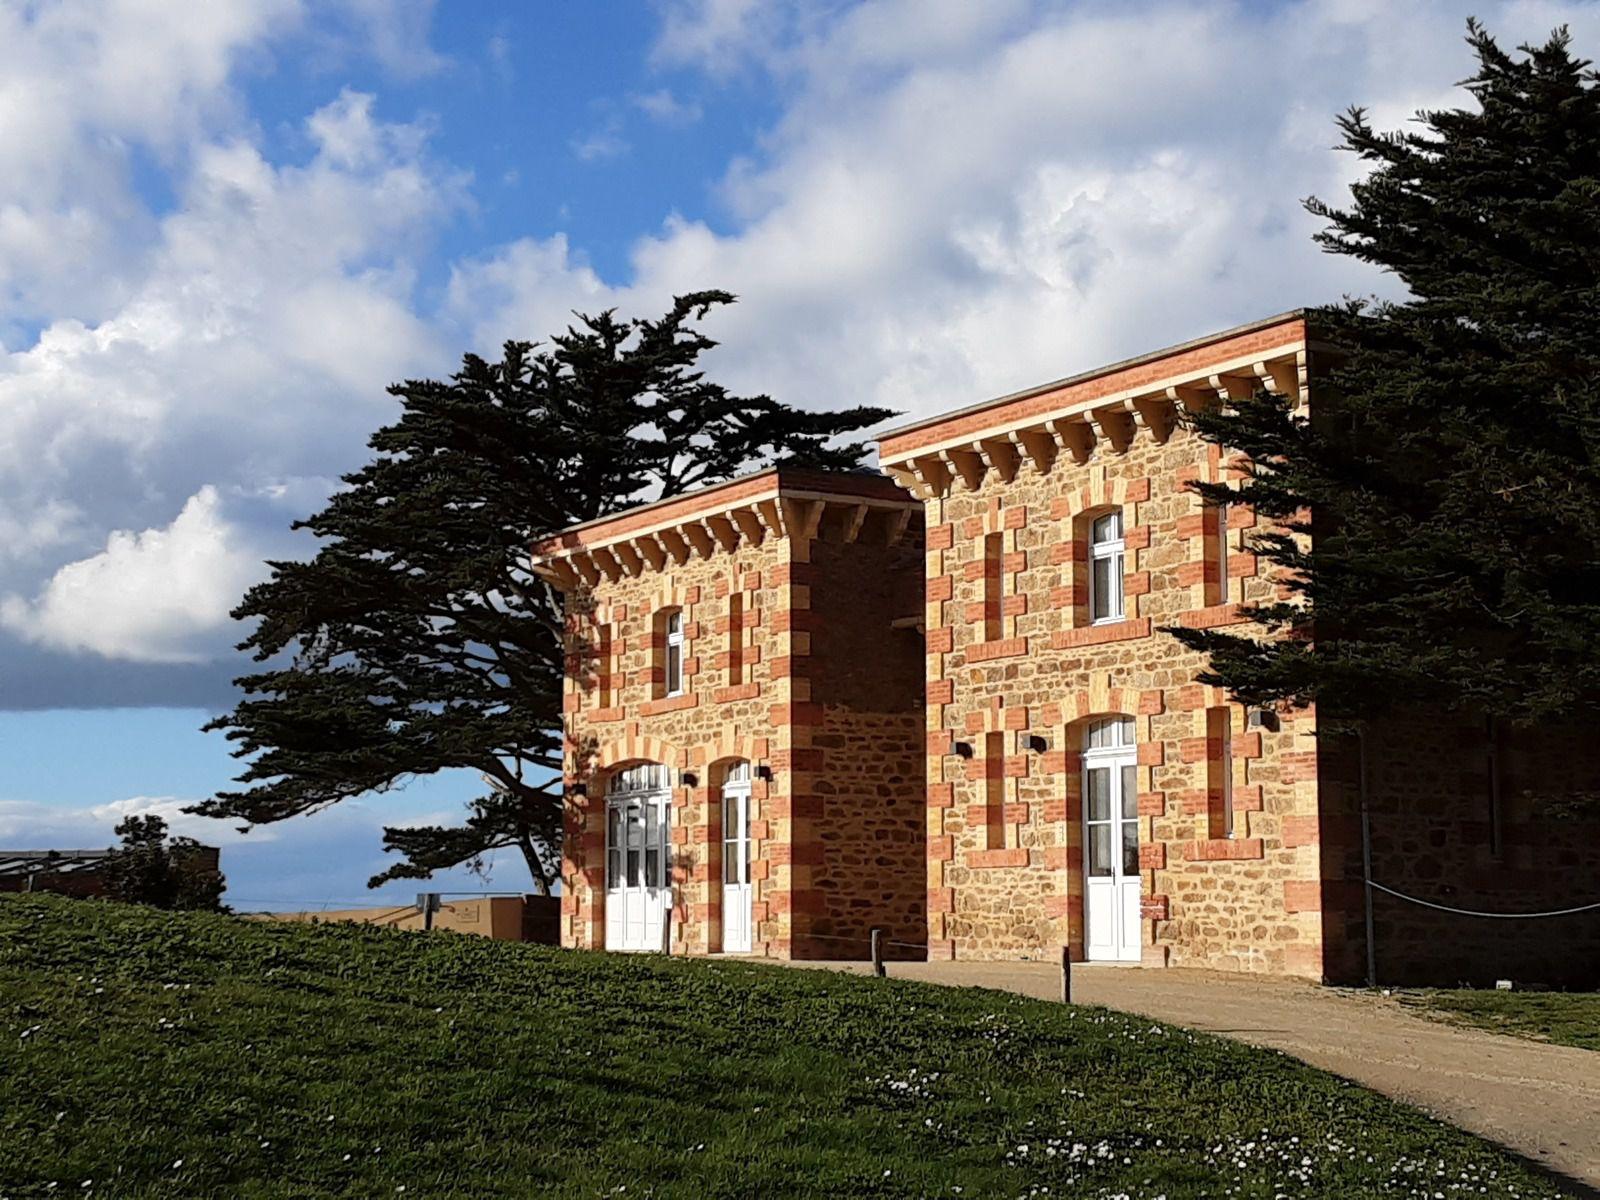 Le long du GR 34   -   le château Le Nessay Le château actuel a été construit en 1882 par le comte Maurice Goislard de Villebresme, qui sera le premier maire résident secondaire (de 1892 à 1899) de la commune. Il est situé sur une petite presqu'île qui sépare la plage et le port du Bechet (à l'est) de la plage de la Grande Salinette (à l'ouest)  - les 111 cabines aux couleurs de dégradées de bleu.